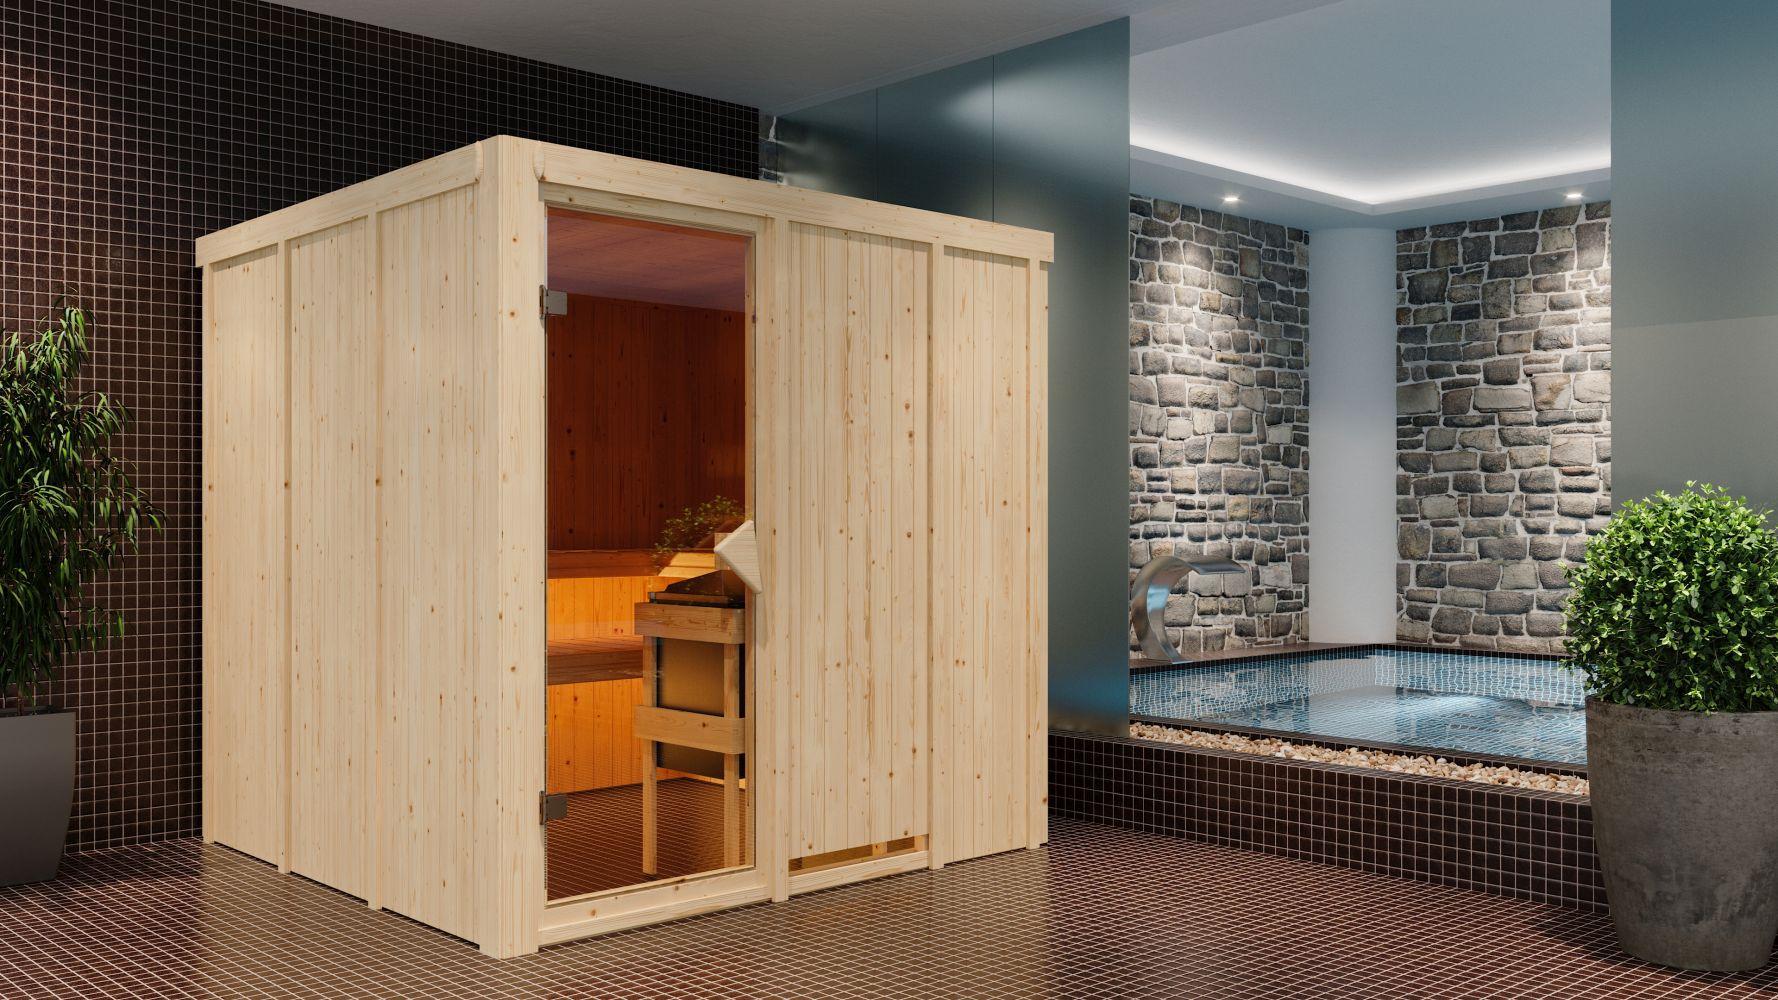 Sauna Greta 03, 68 mm Wandstärke - 196 x 196 x 198 cm (B x T x H) - Ausführung:inkl. Bio-Ofen mit externer Steuerung